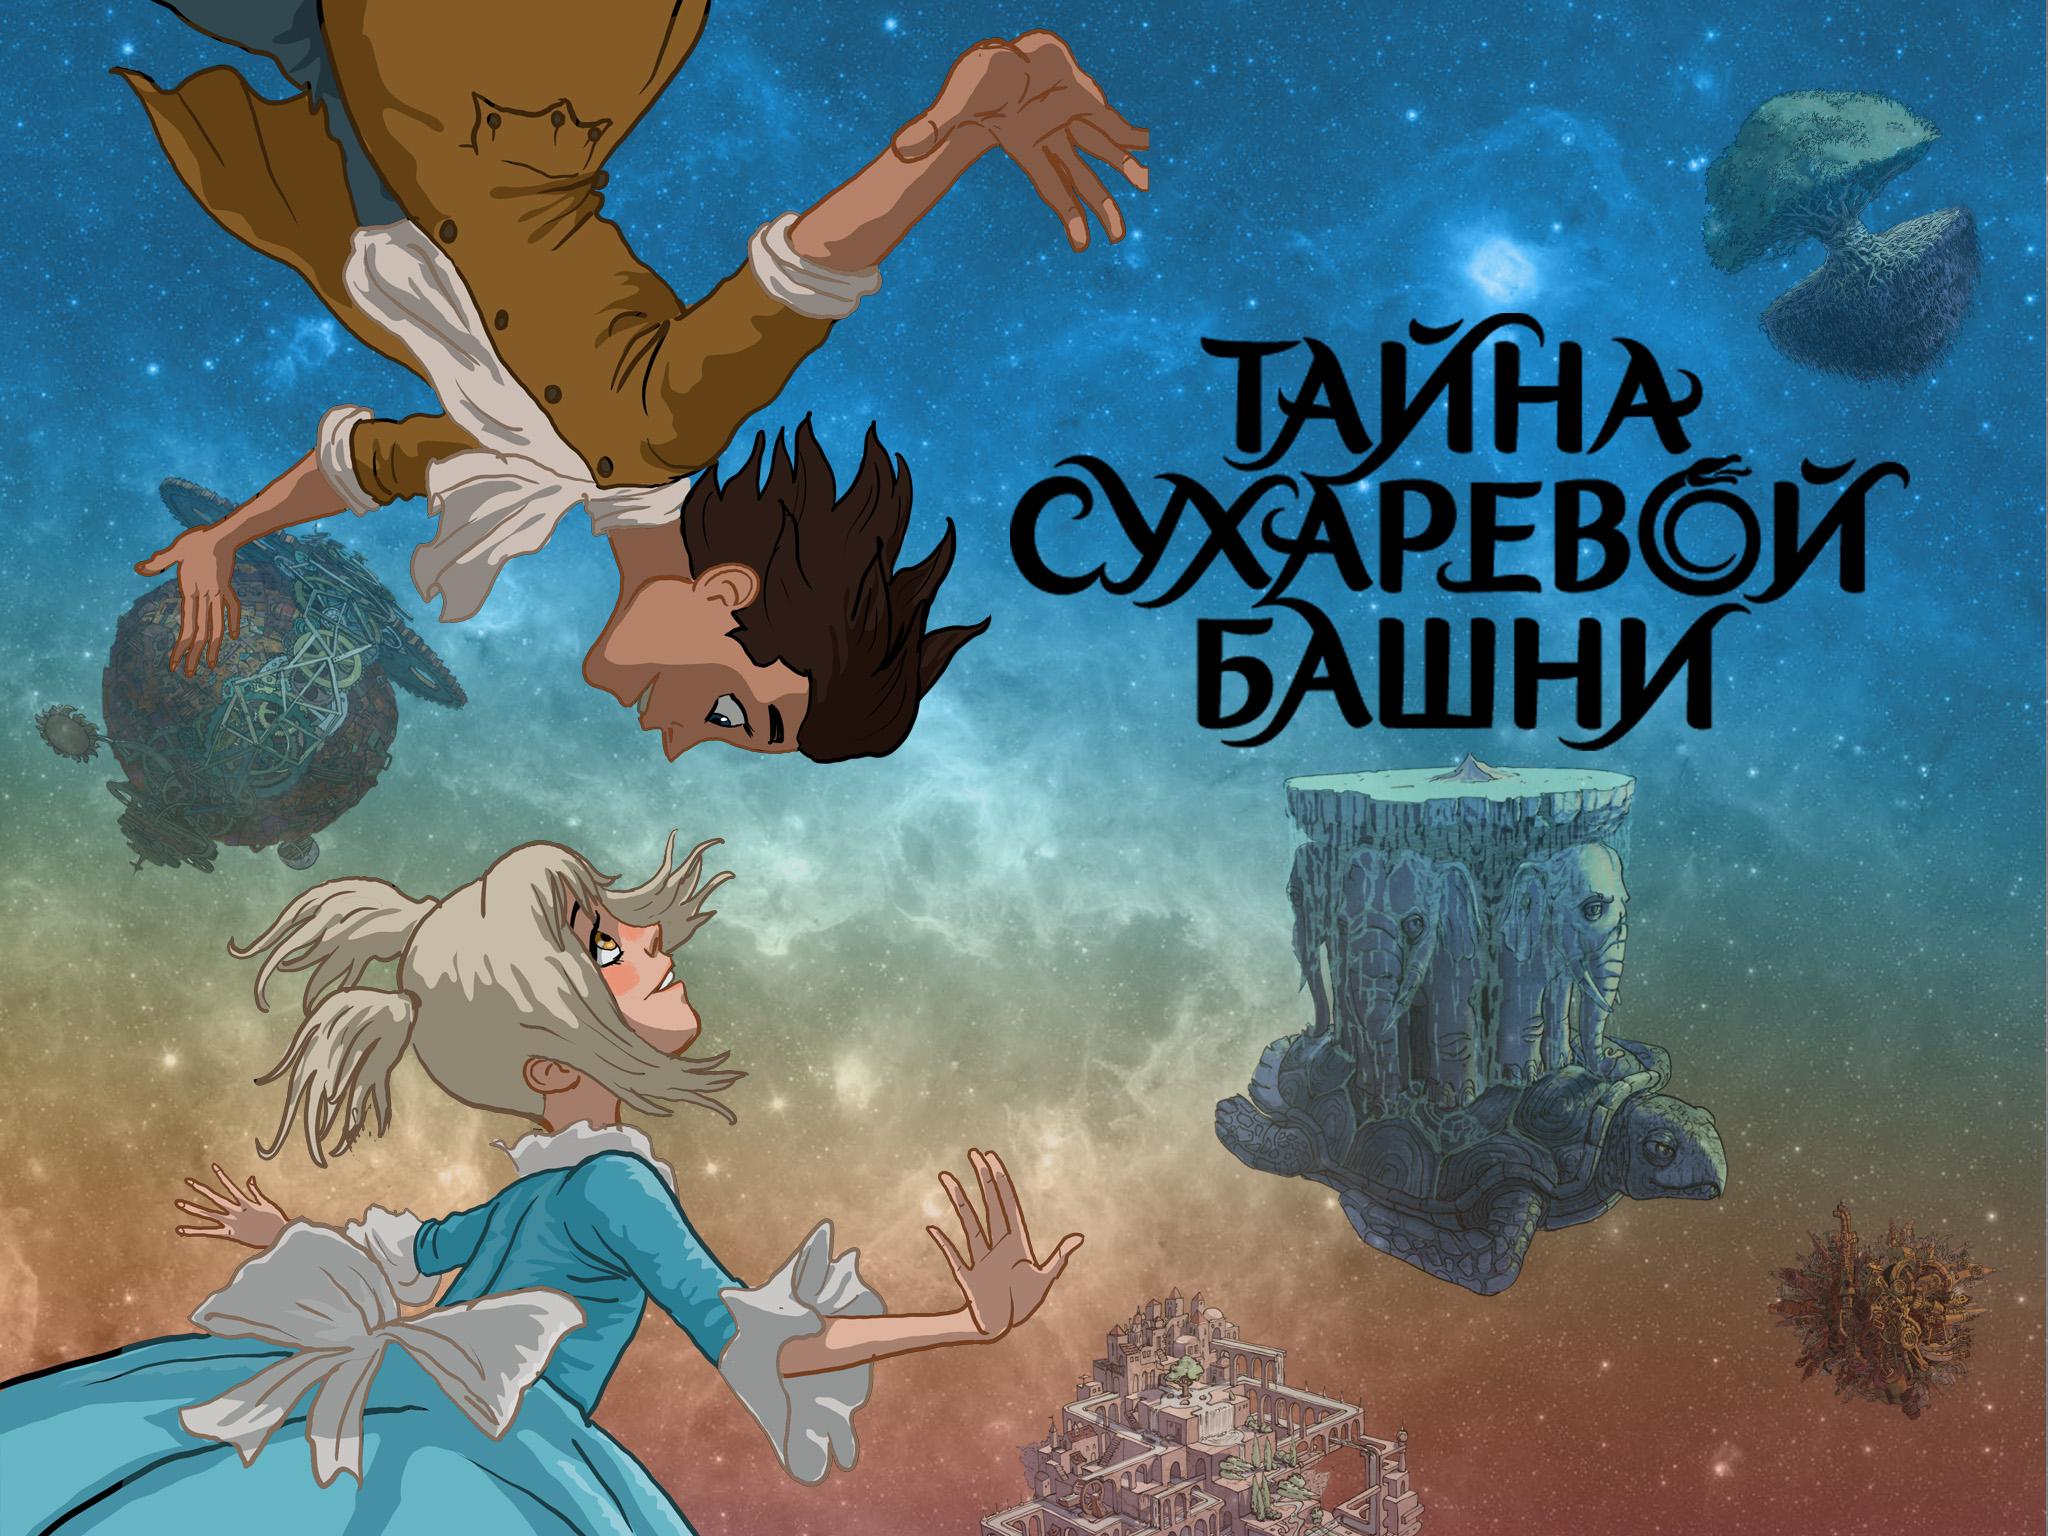 Авторы мультфильма «Тайна Сухаревой башни» приглашают к участию в реализации проекта